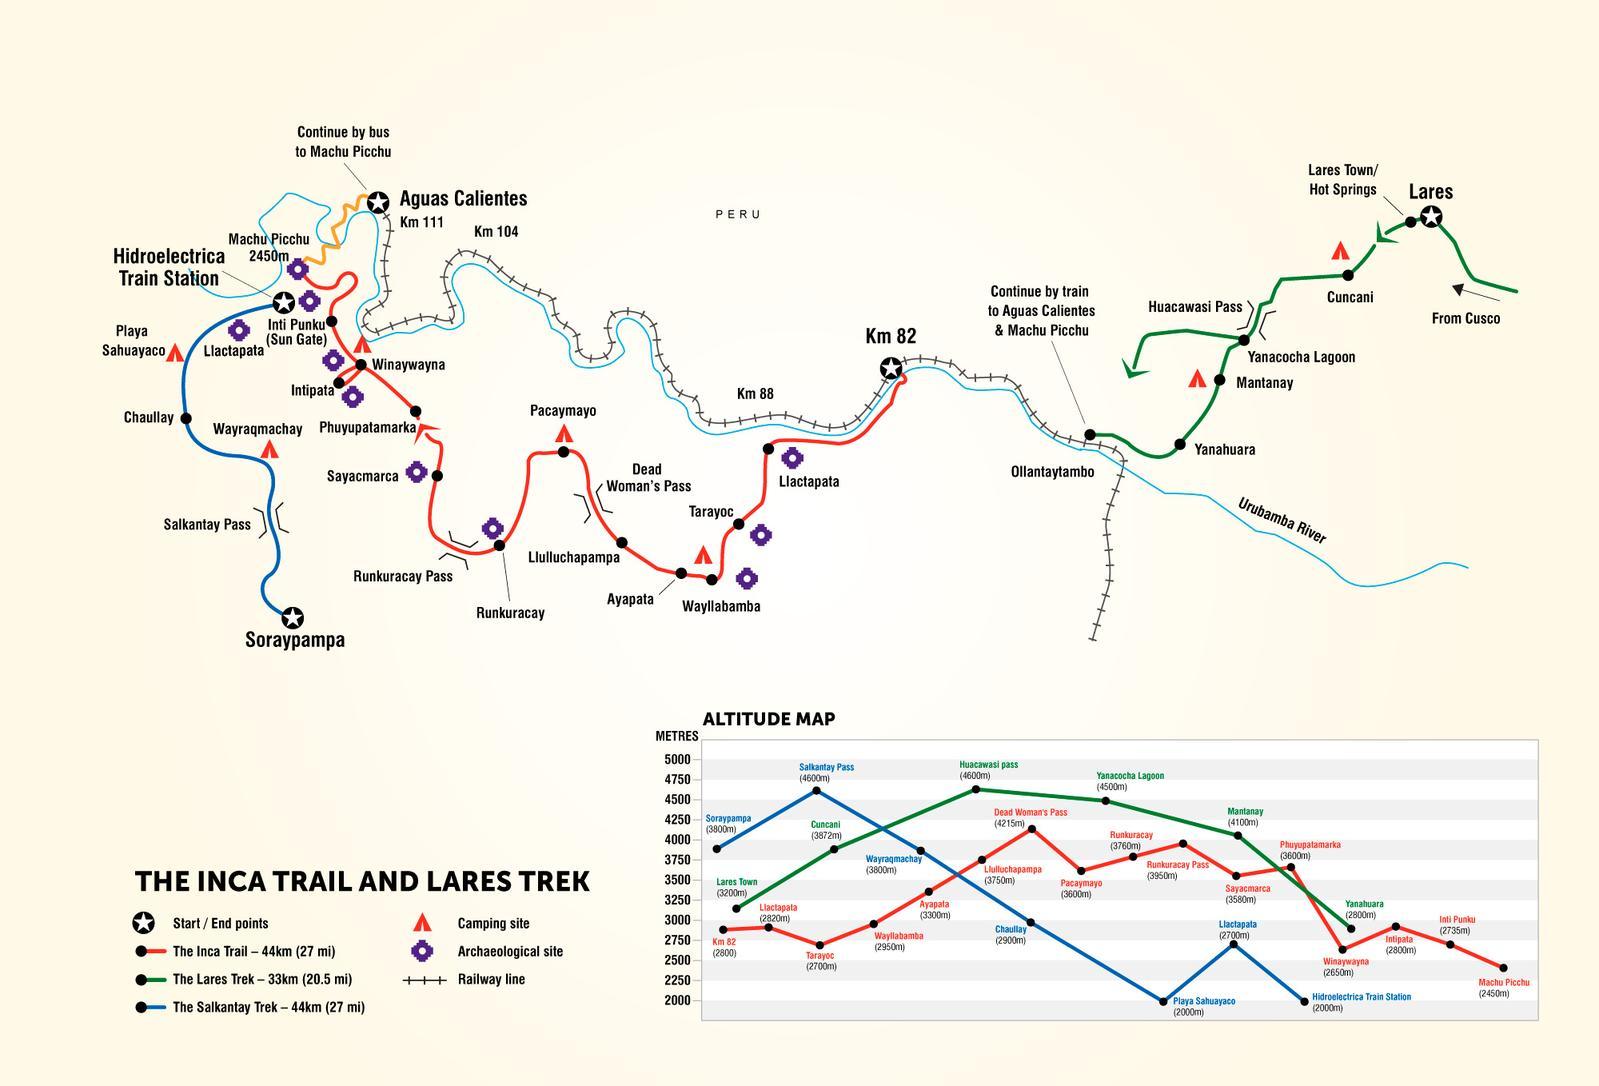 G冒险印加步道地图路线